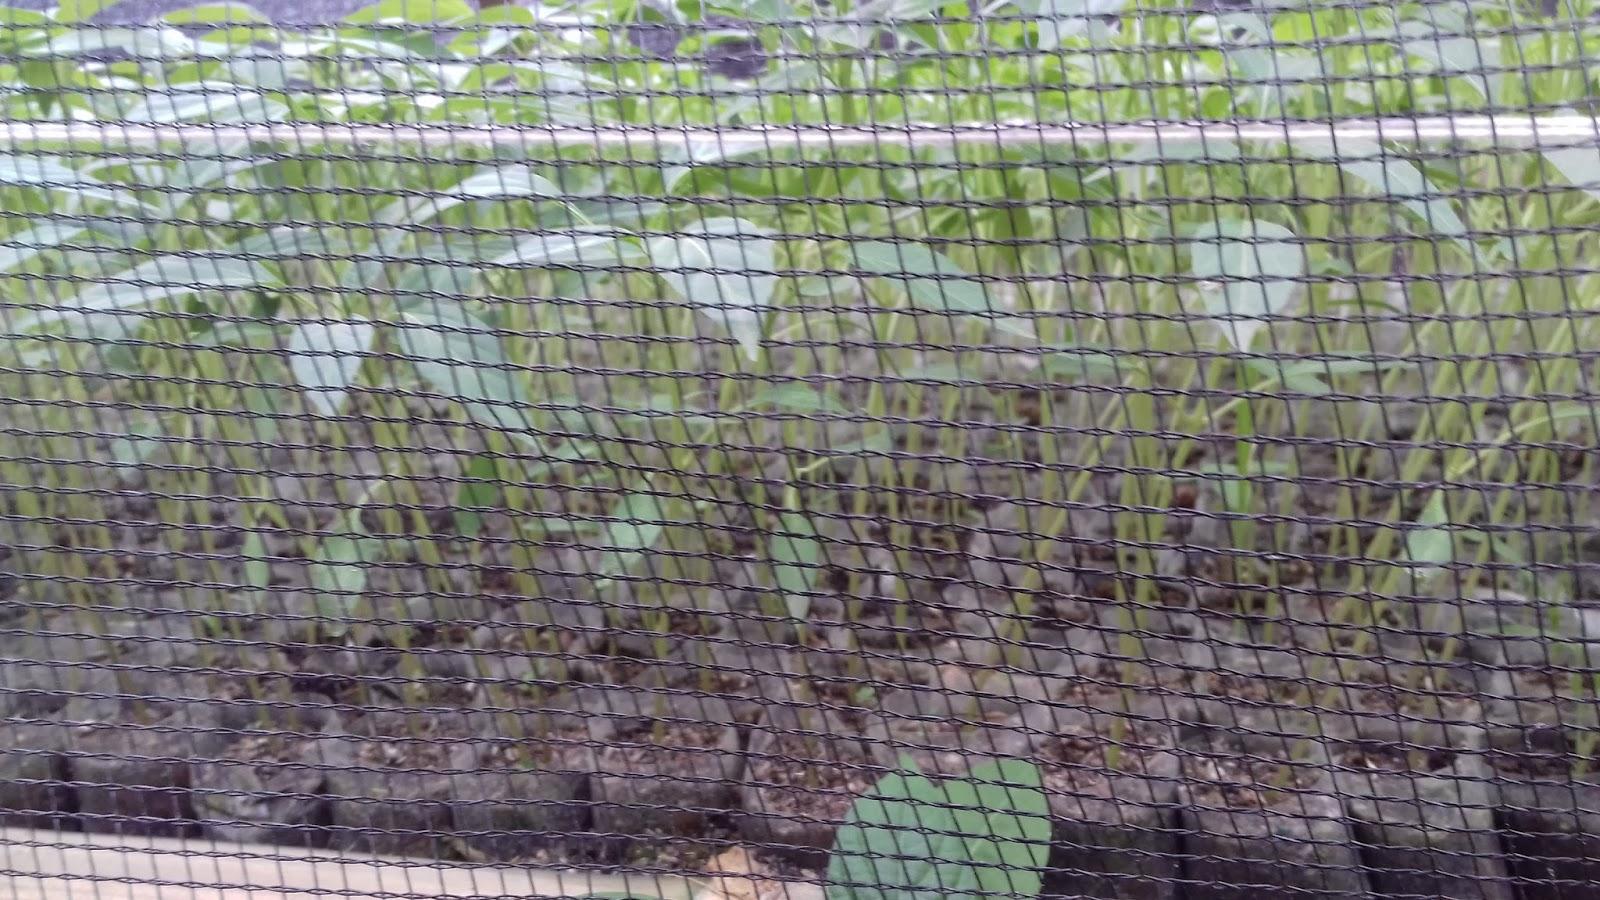 Tanaman Cabe di Tempat Terbuka dengan Pertumbuhan Bagus. Photo Original/Hak Cipta: Wahid Priyono (Guru Ilmuan).